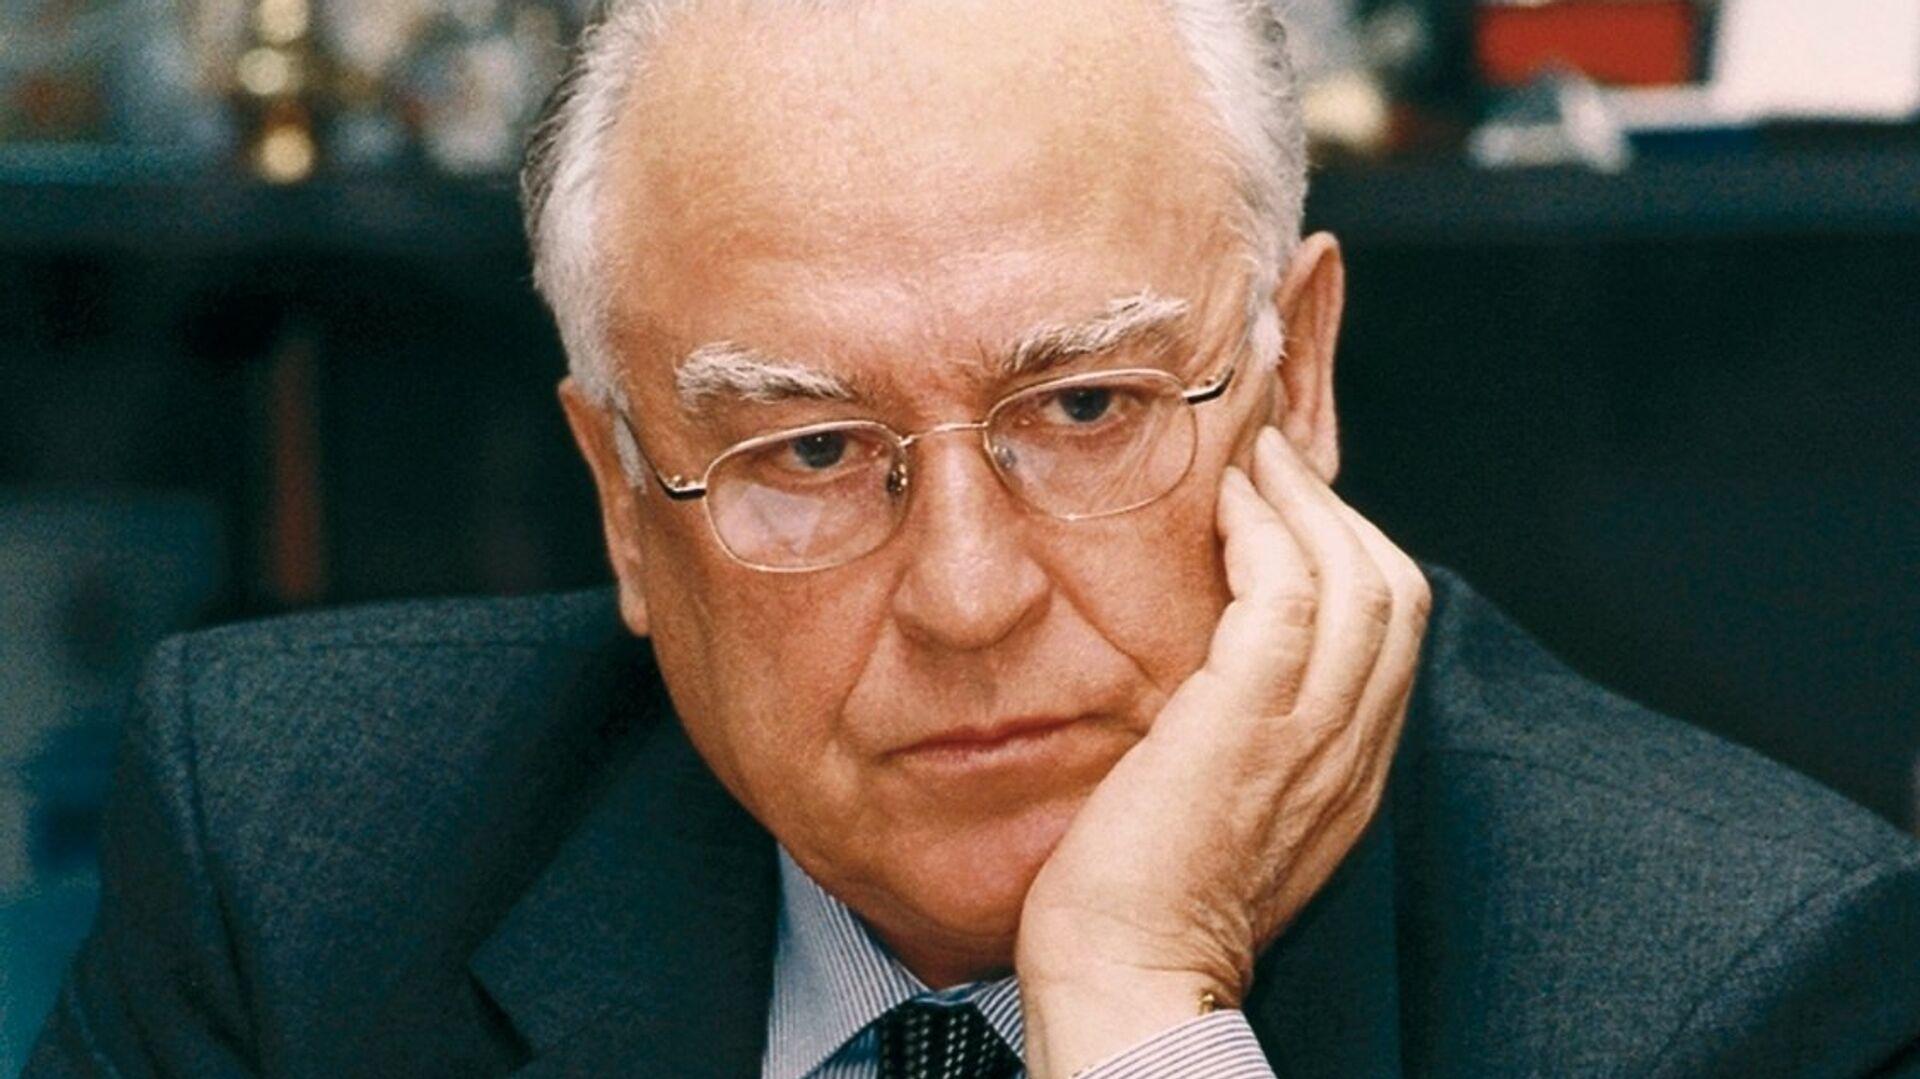 Виктор Черномырдин в 2003 году - РИА Новости, 1920, 03.04.2020